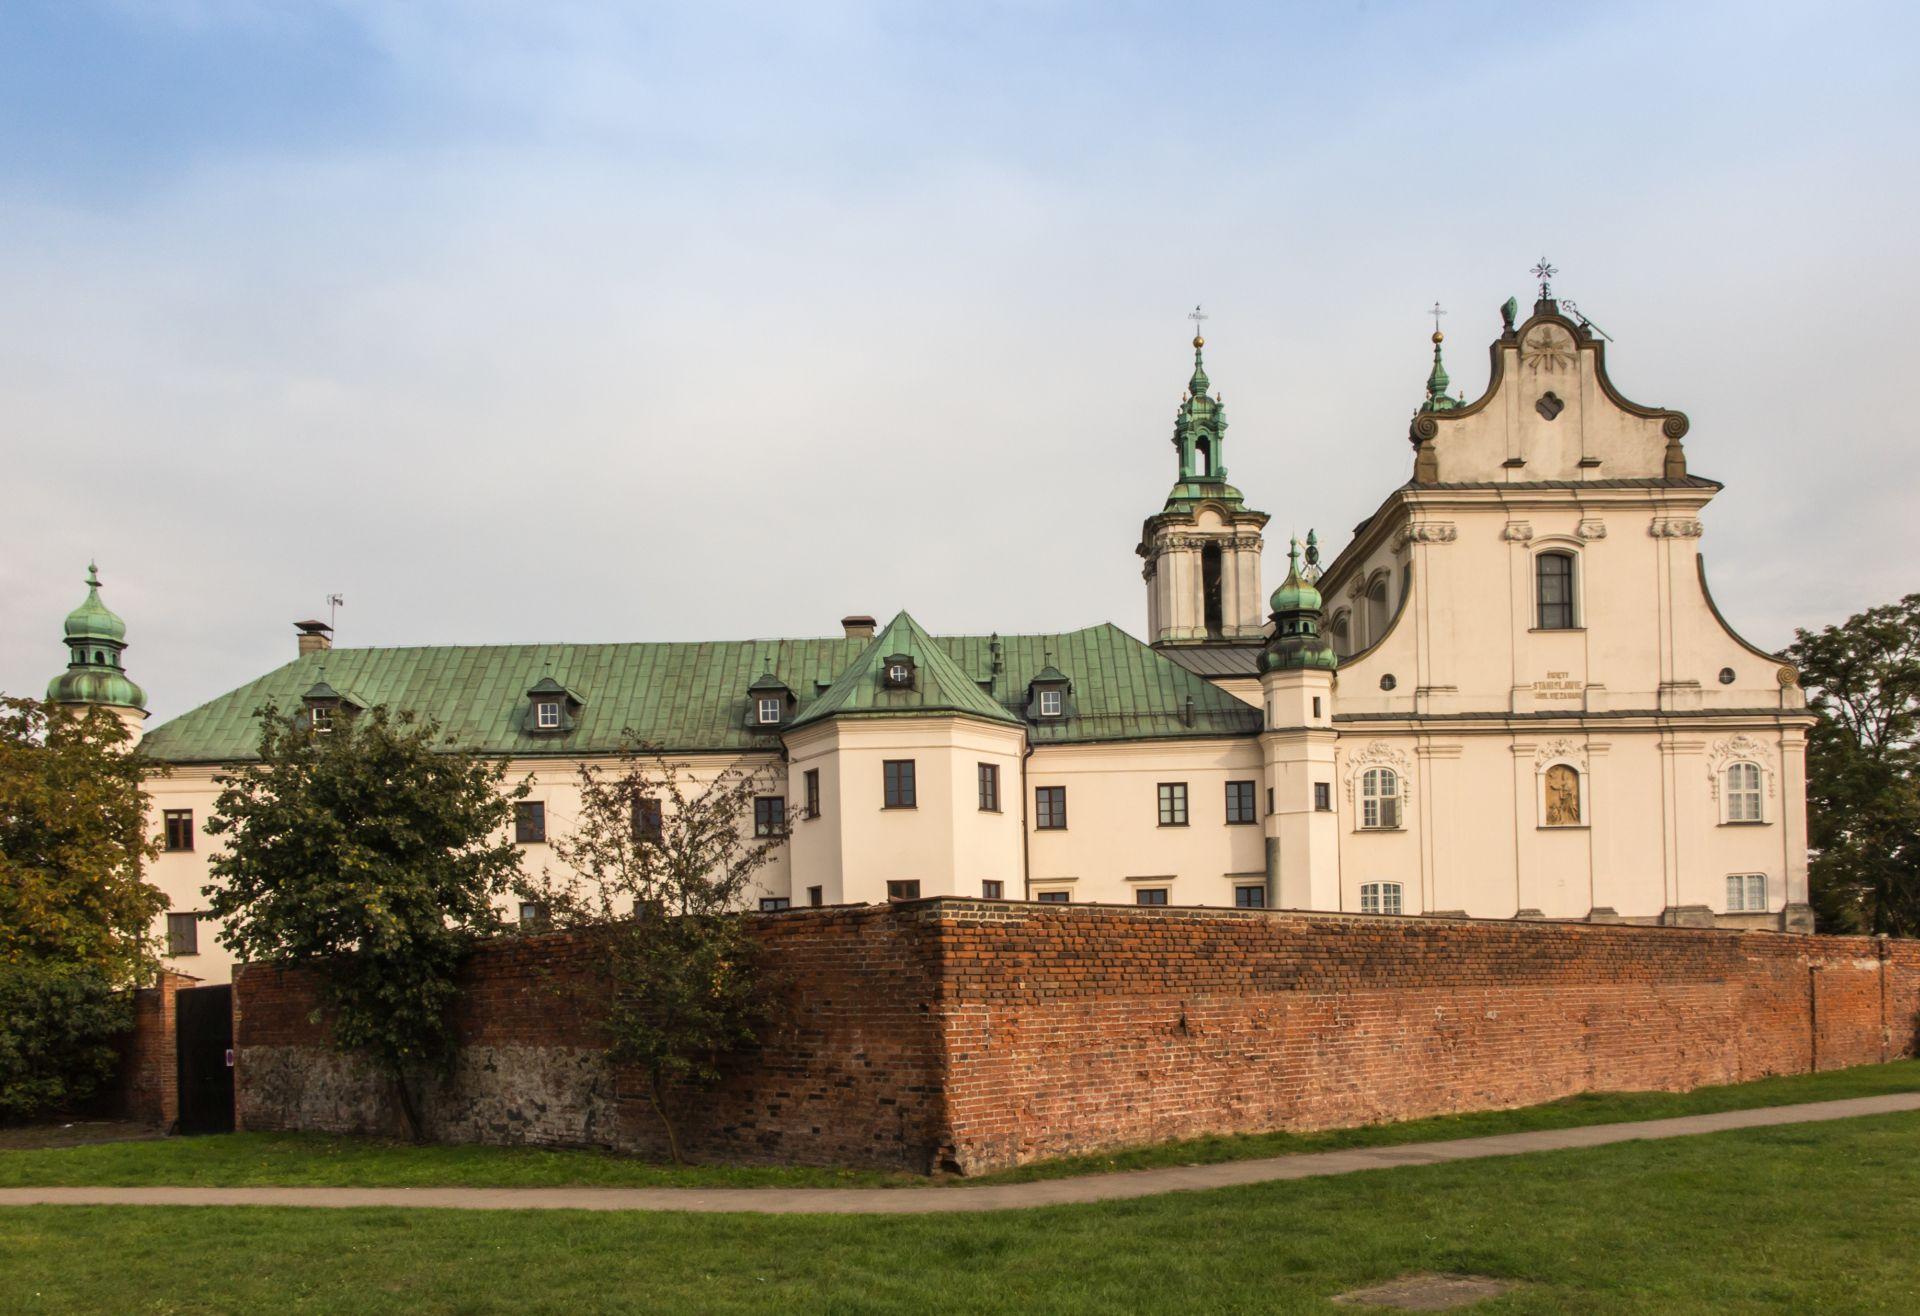 Pauline Church on the Rock in Krakow, Poland,